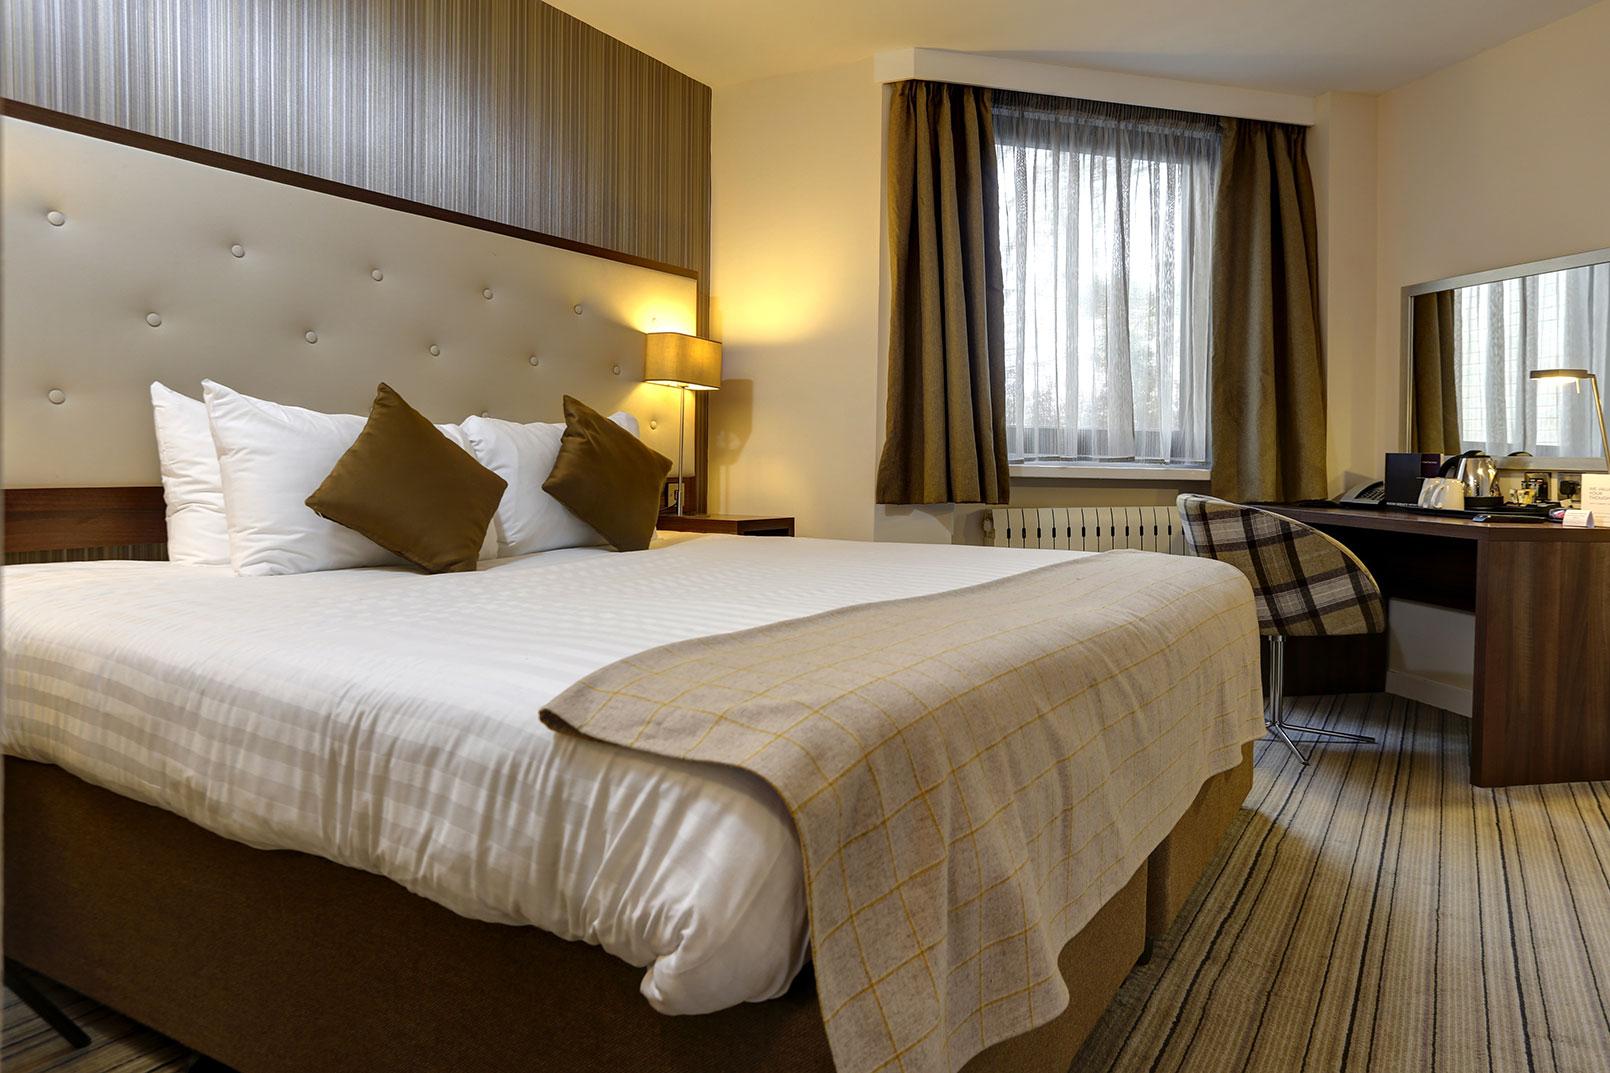 salmesbury-hotel-bedrooms-01-84220.jpg